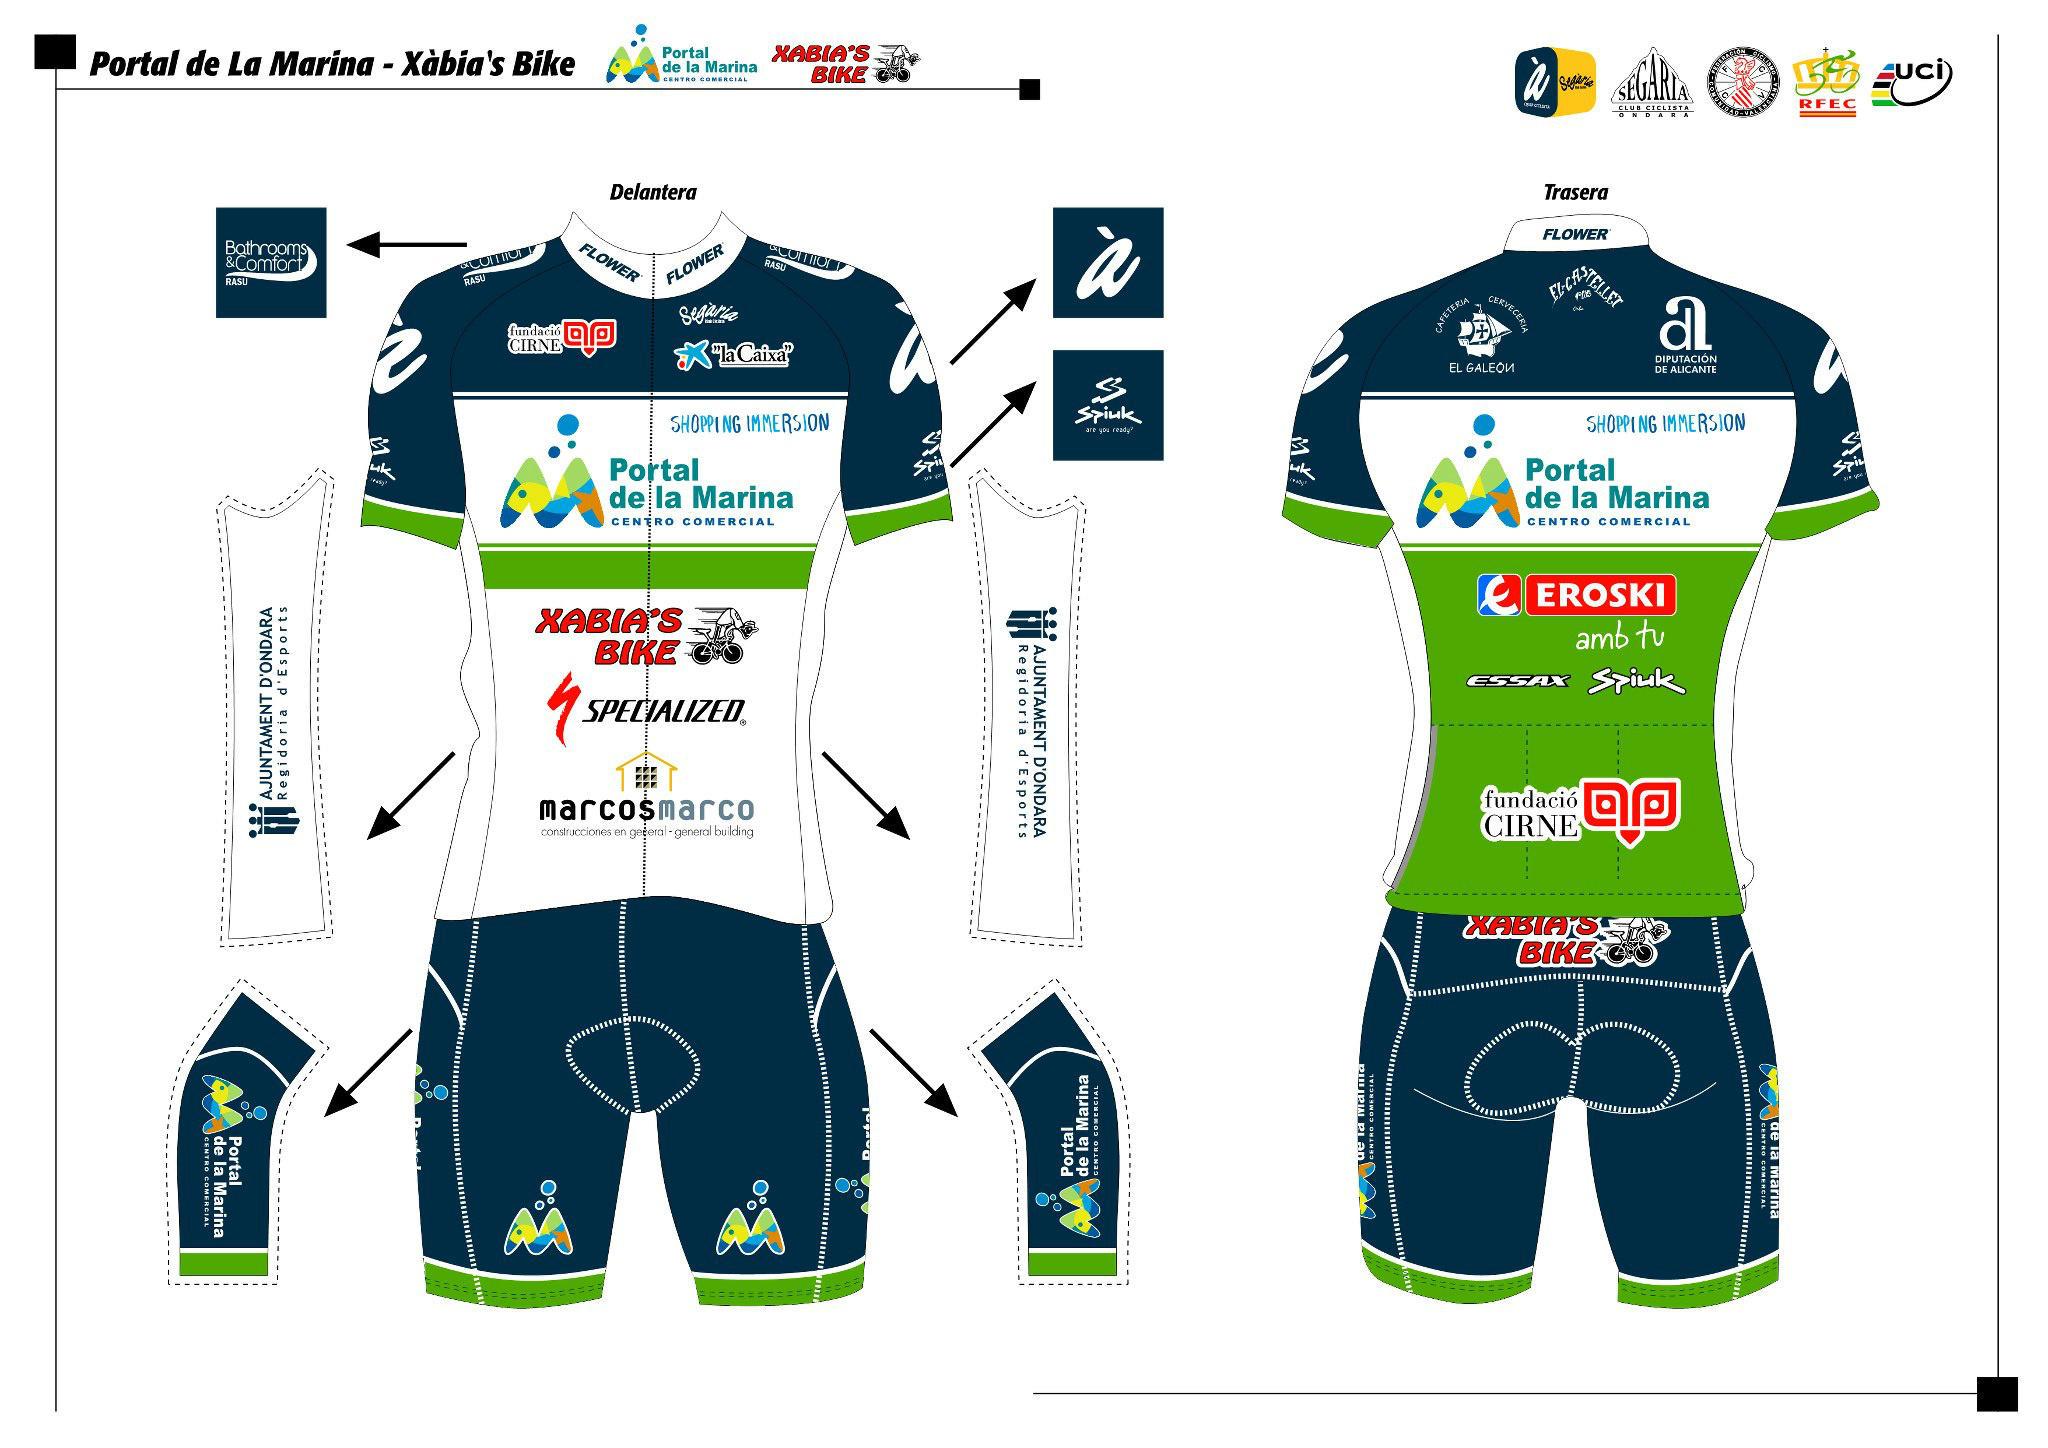 Ciclismo cv las nuevas equipaciones del portal la marina for Equipos de ciclismo